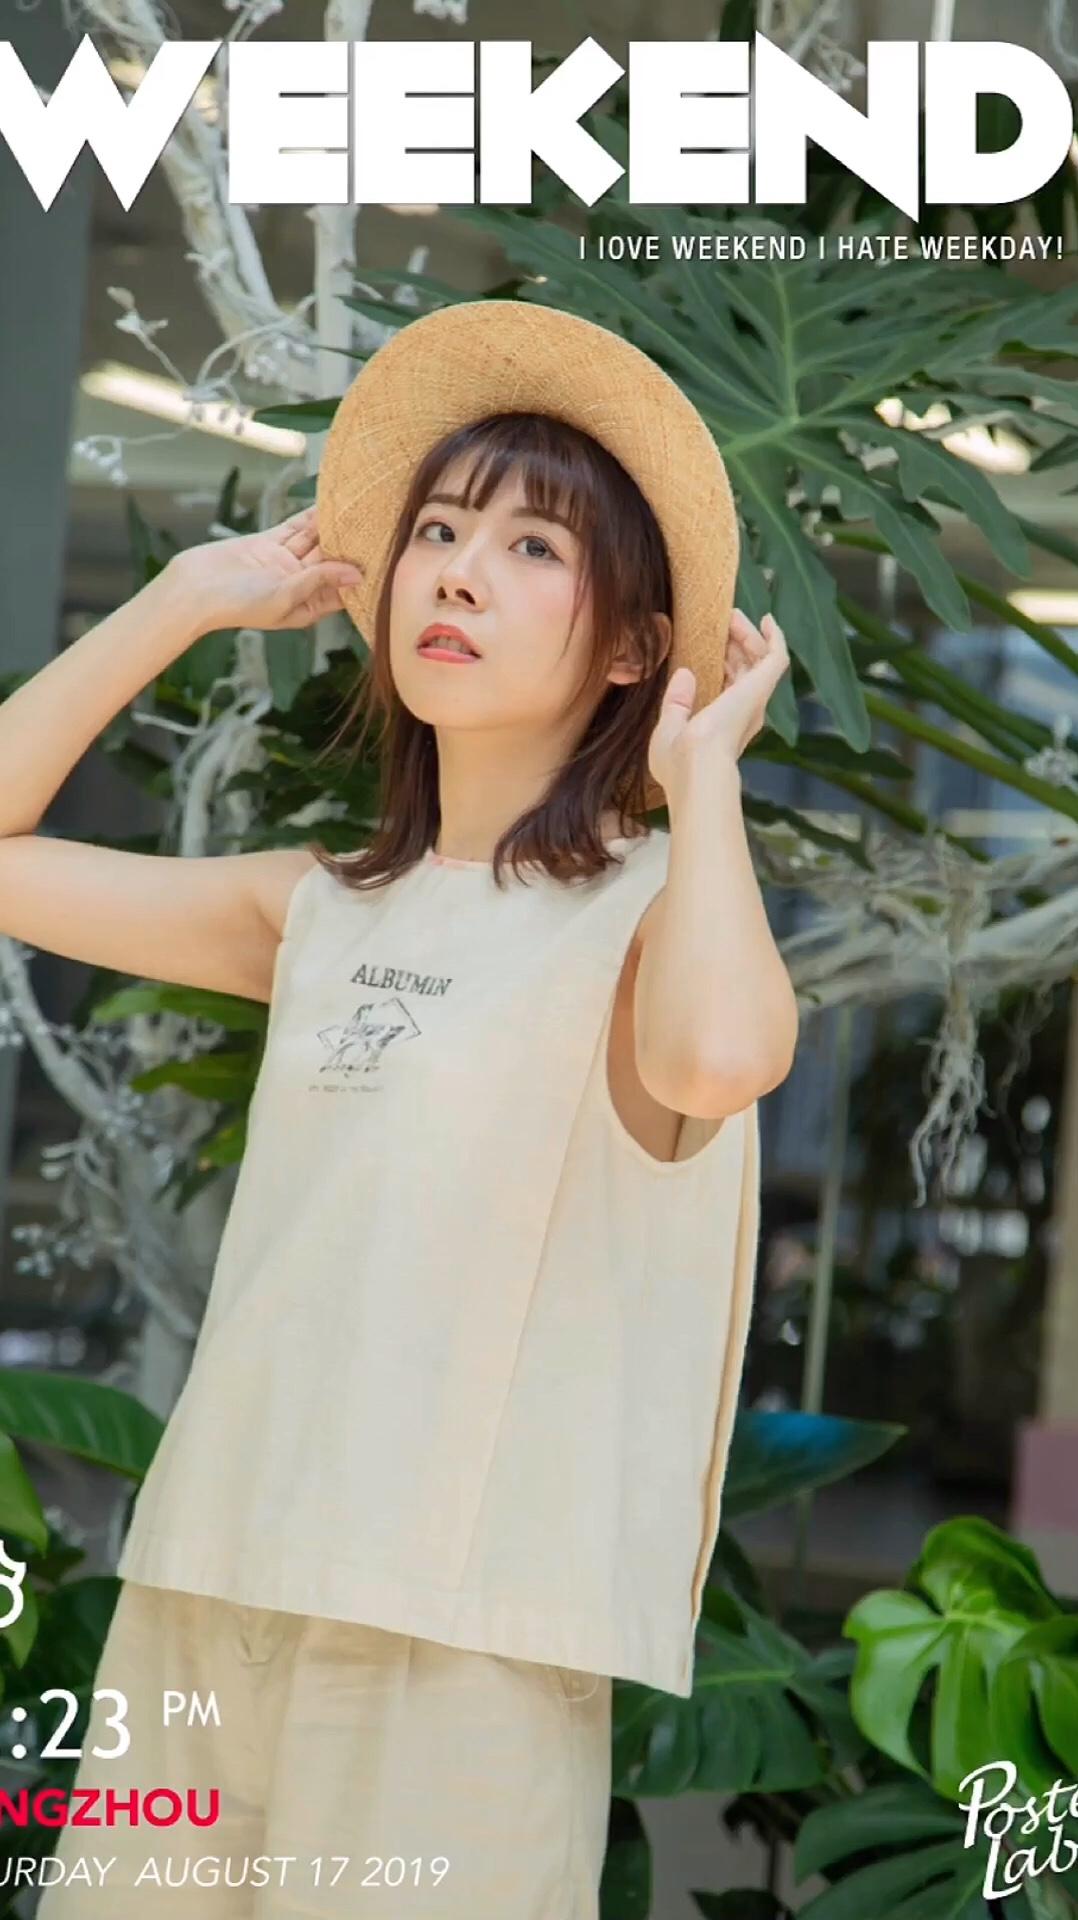 #蘑菇街新品测评#  棉麻感的套装 背后绑带的设计很特别 上身也很舒适哦